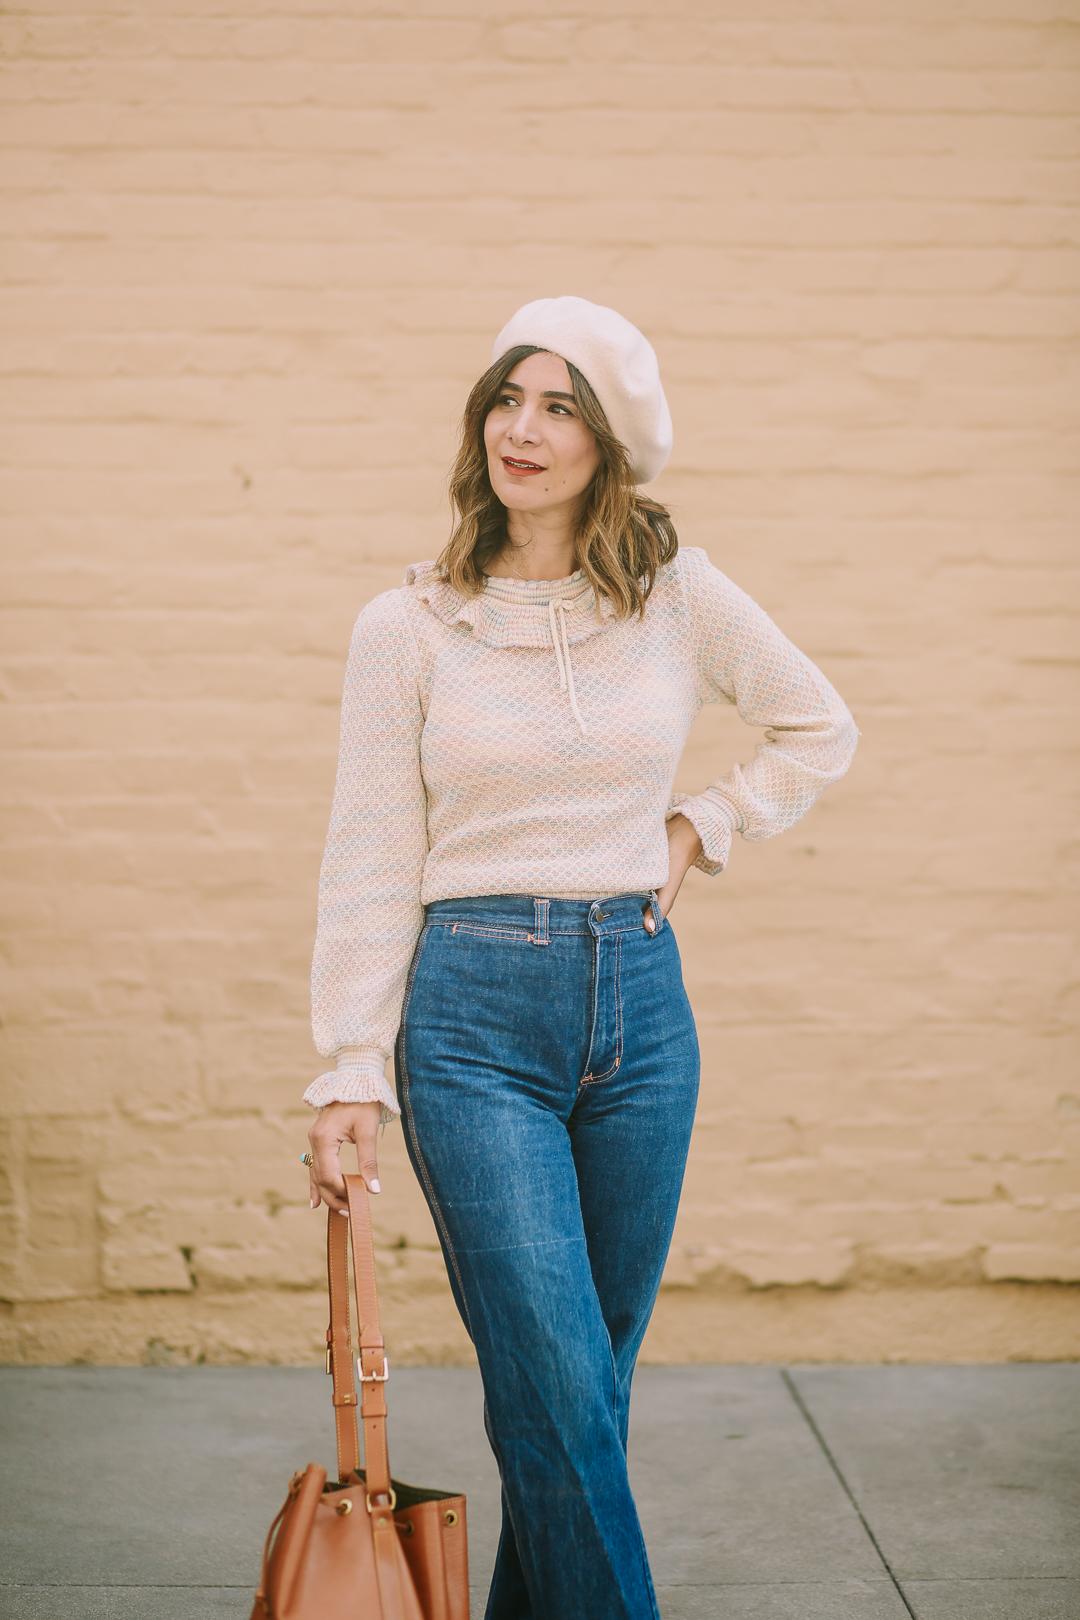 a vintage splendor styles high waist jeans for fall